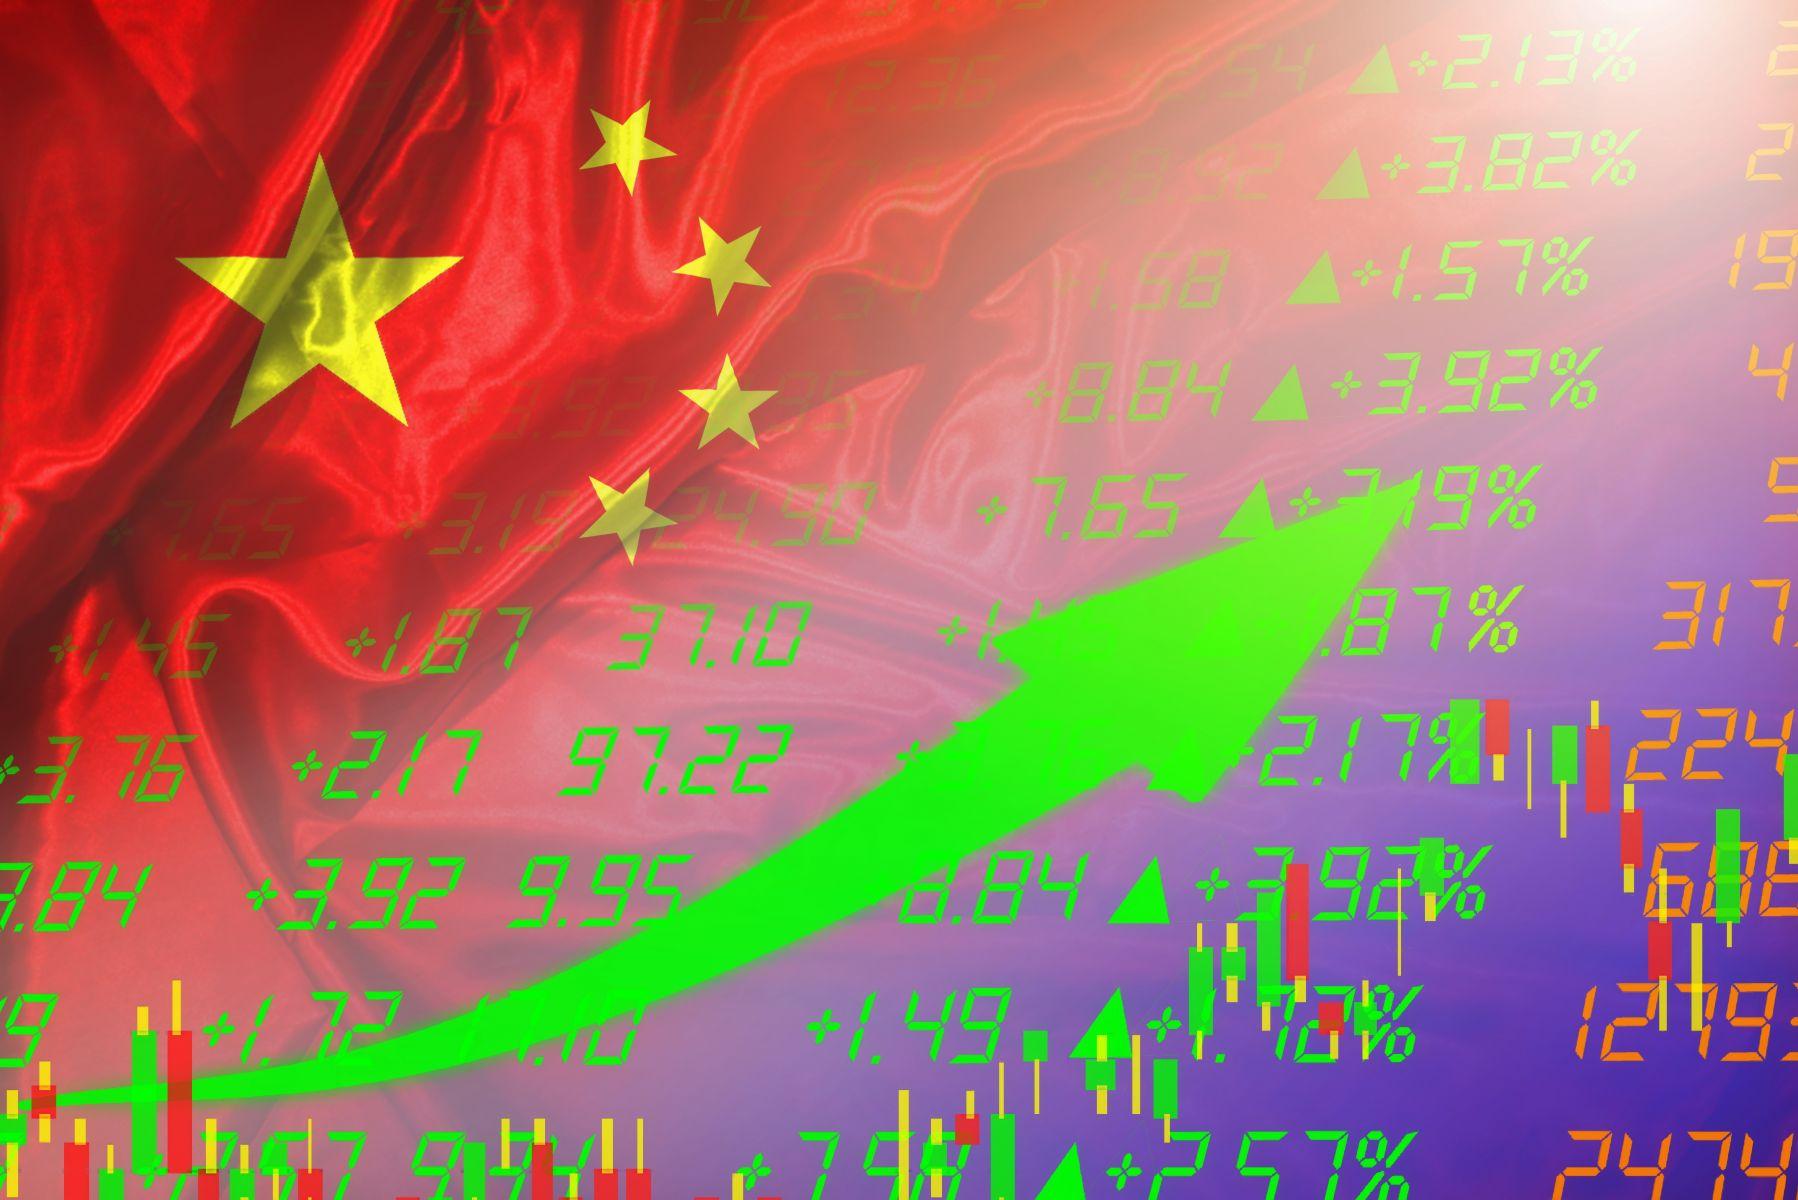 中國股票基金還能買嗎? 績效前十名幾乎都超過30%!